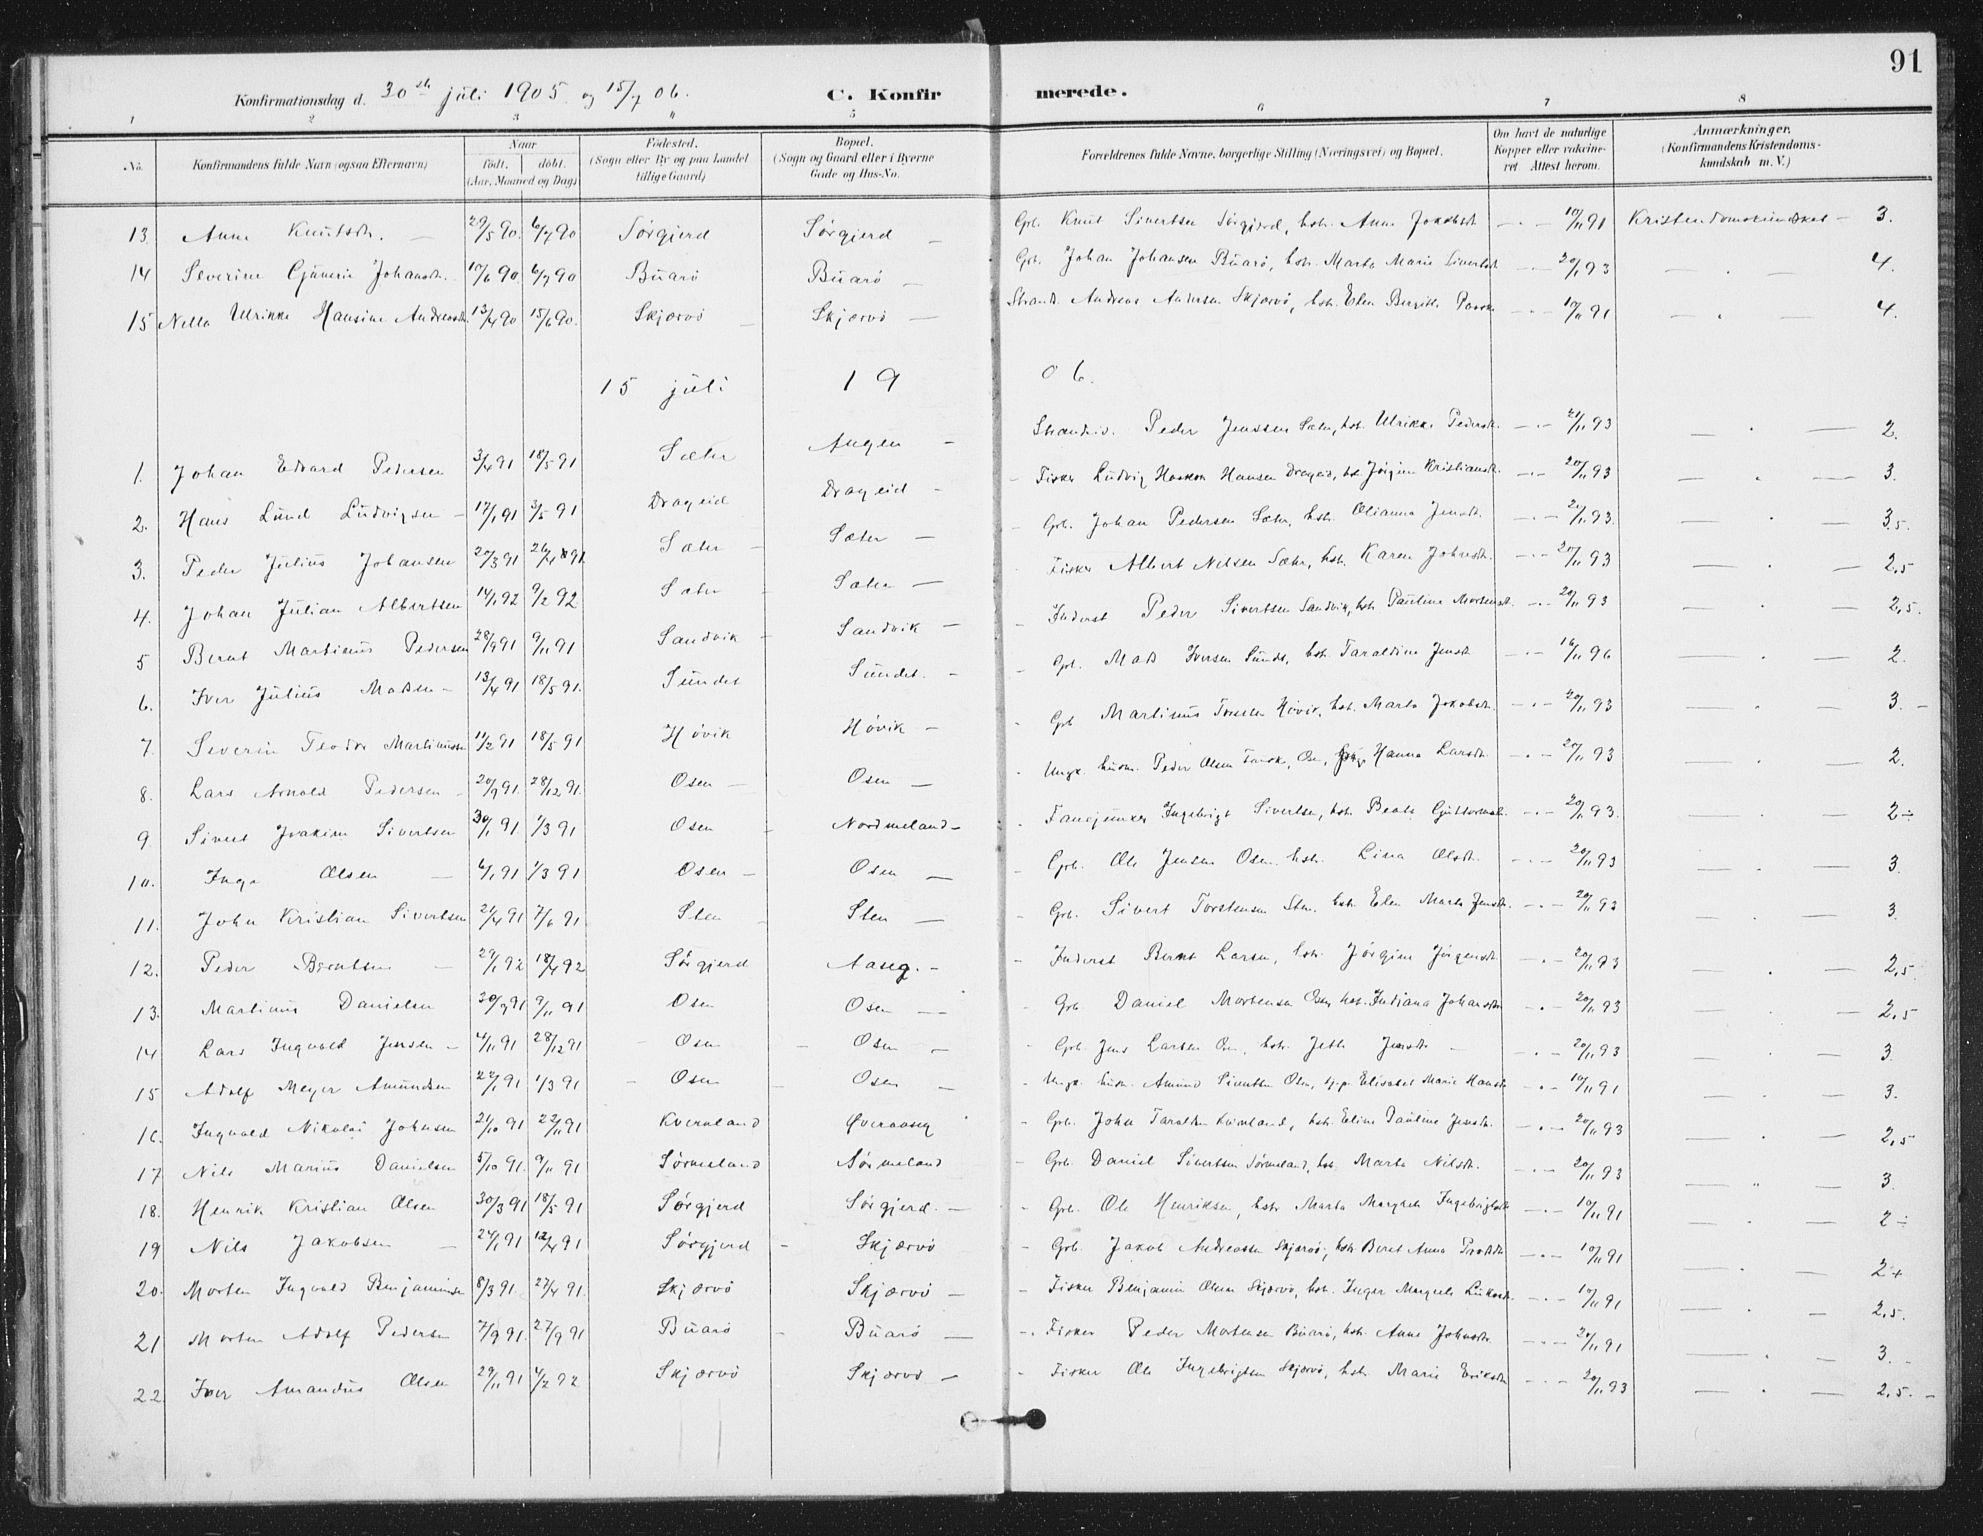 SAT, Ministerialprotokoller, klokkerbøker og fødselsregistre - Sør-Trøndelag, 658/L0723: Ministerialbok nr. 658A02, 1897-1912, s. 91